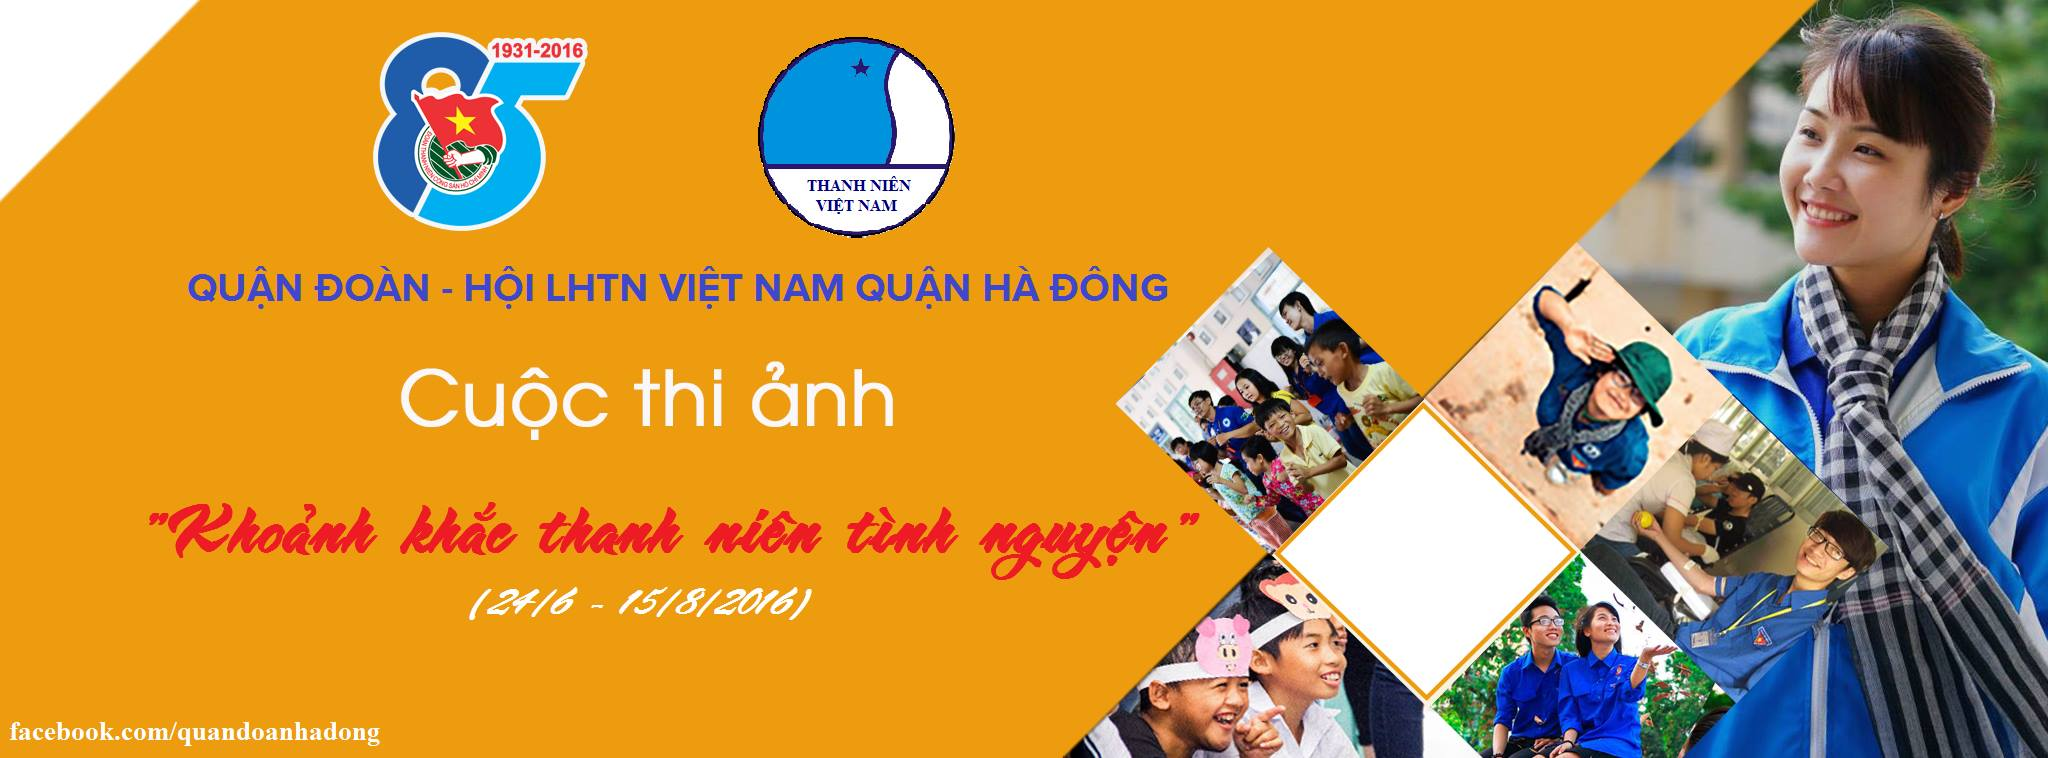 """Hội LHTN quận Hà Đông tổ chức cuộc thi ảnh """"Khoảnh khắc thanh niên tình nguyện"""""""